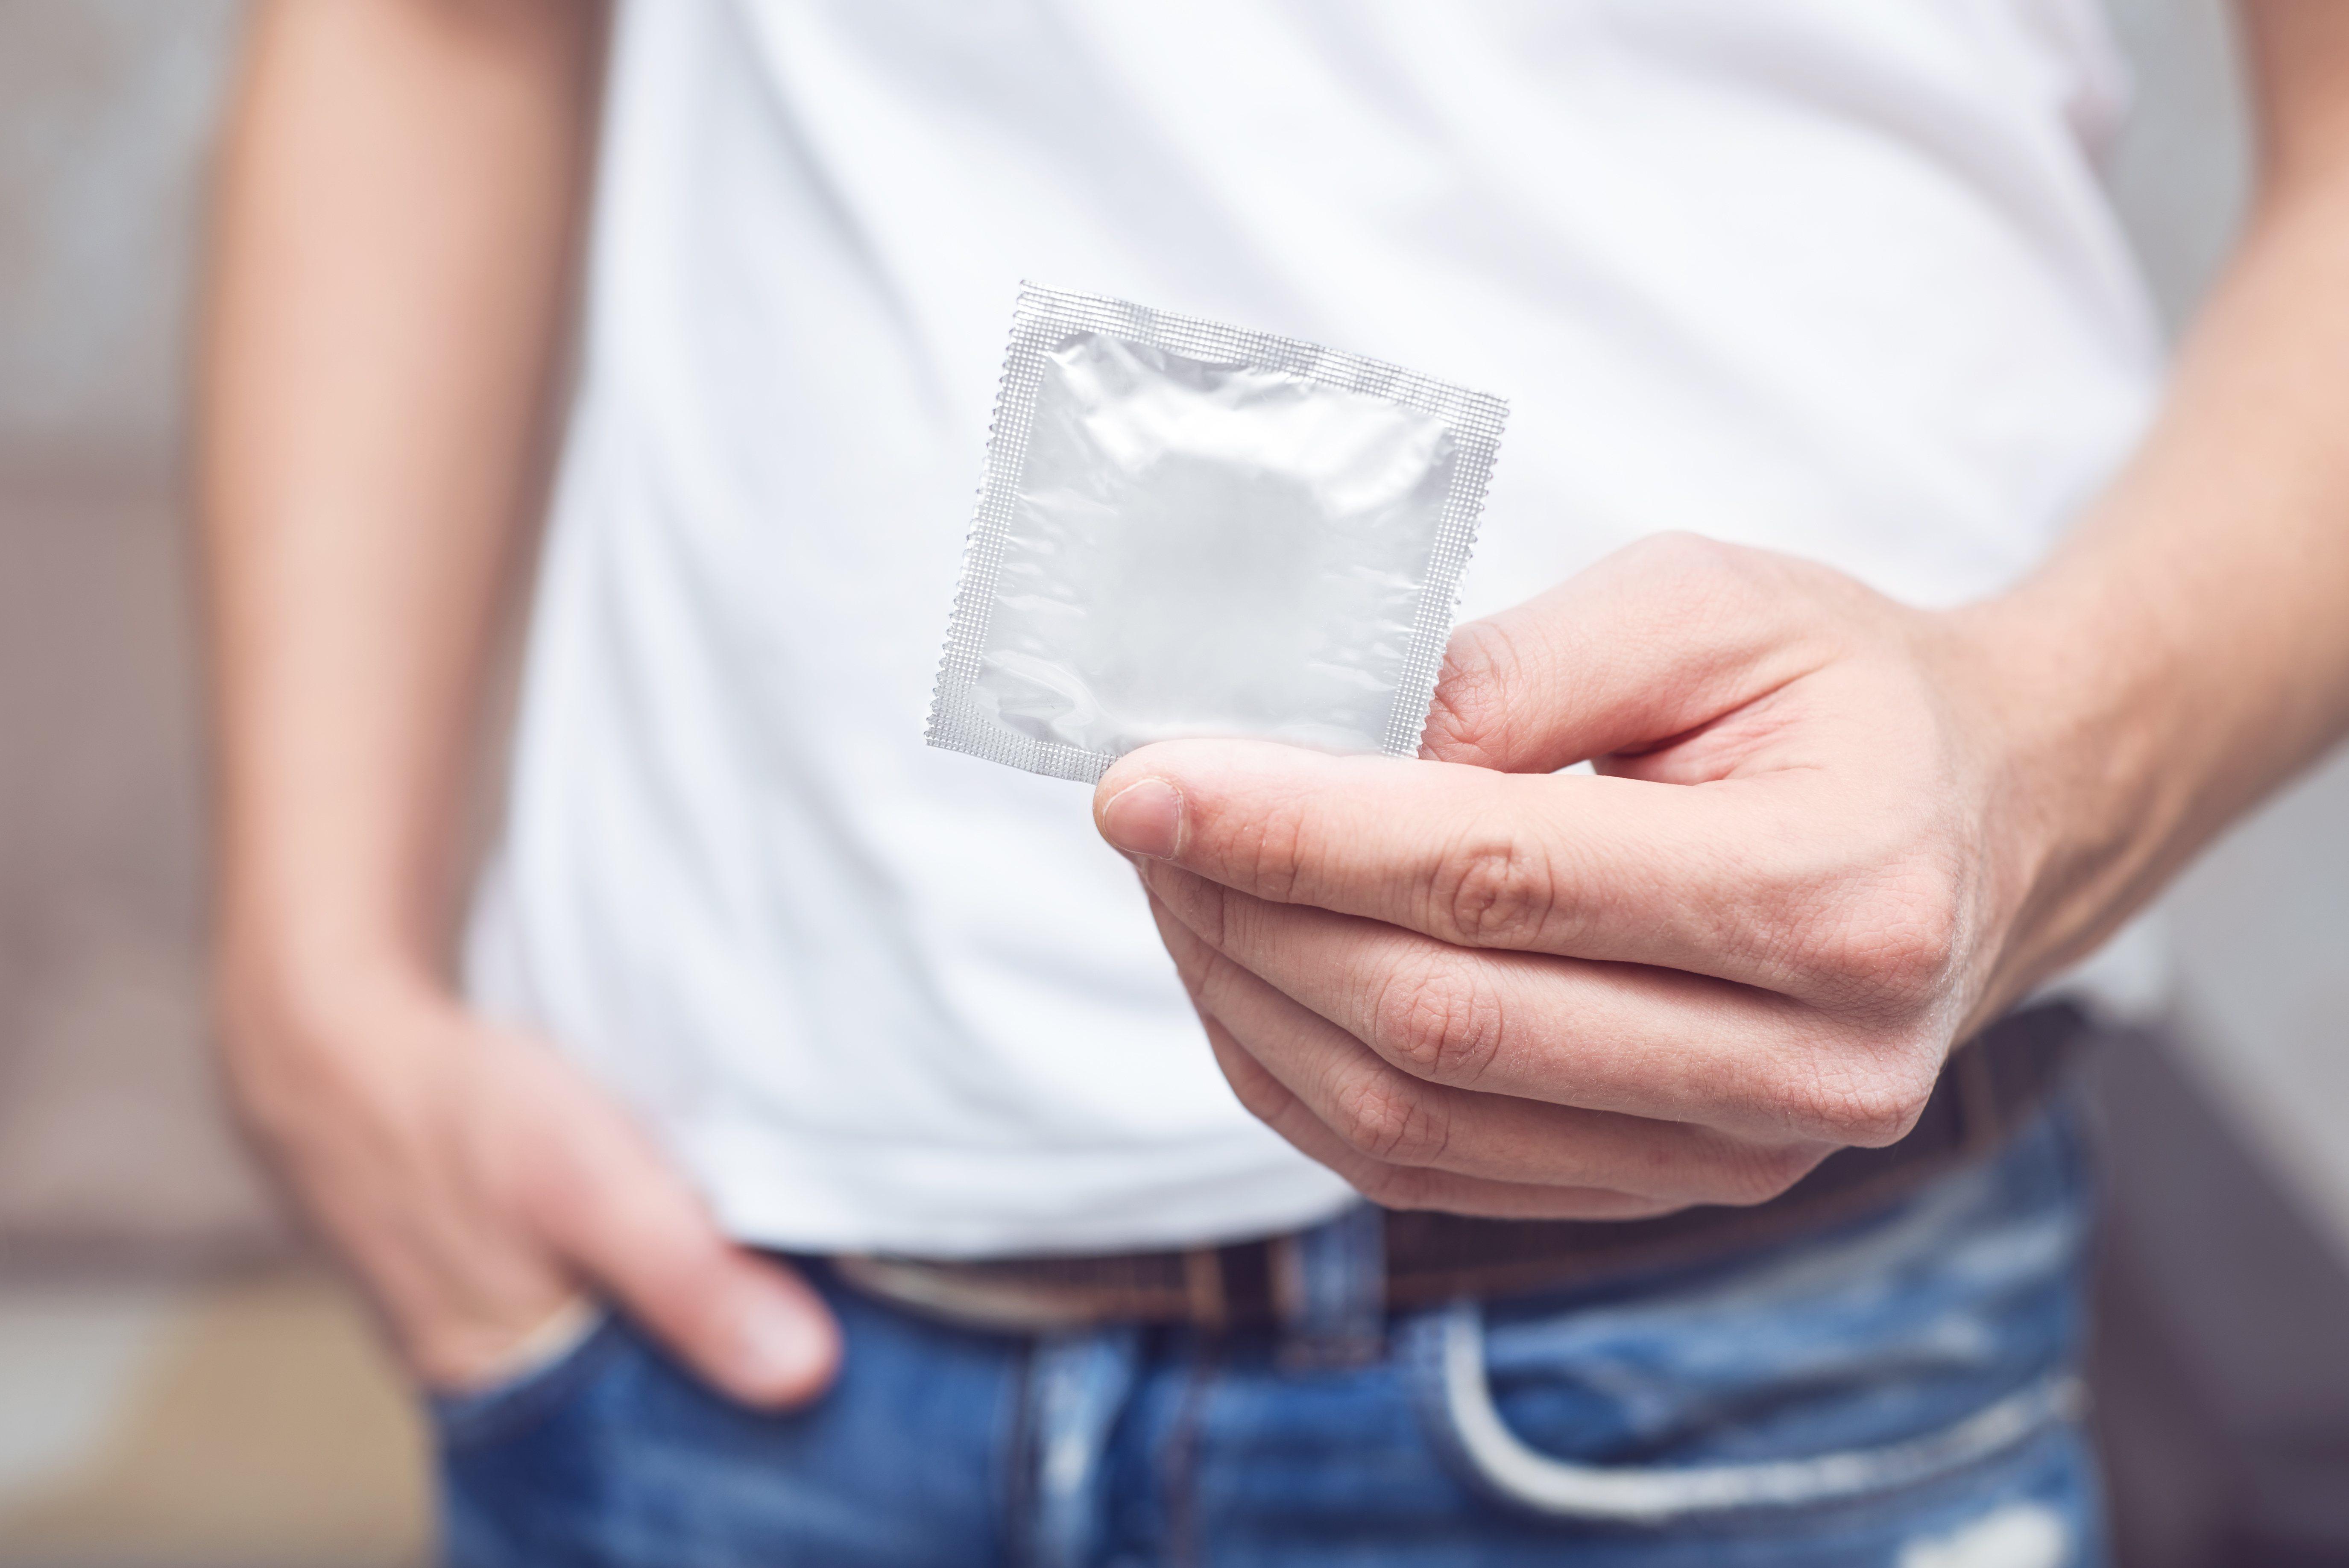 El uso del preservativo puede reducir el contacto con la saliva y las heces